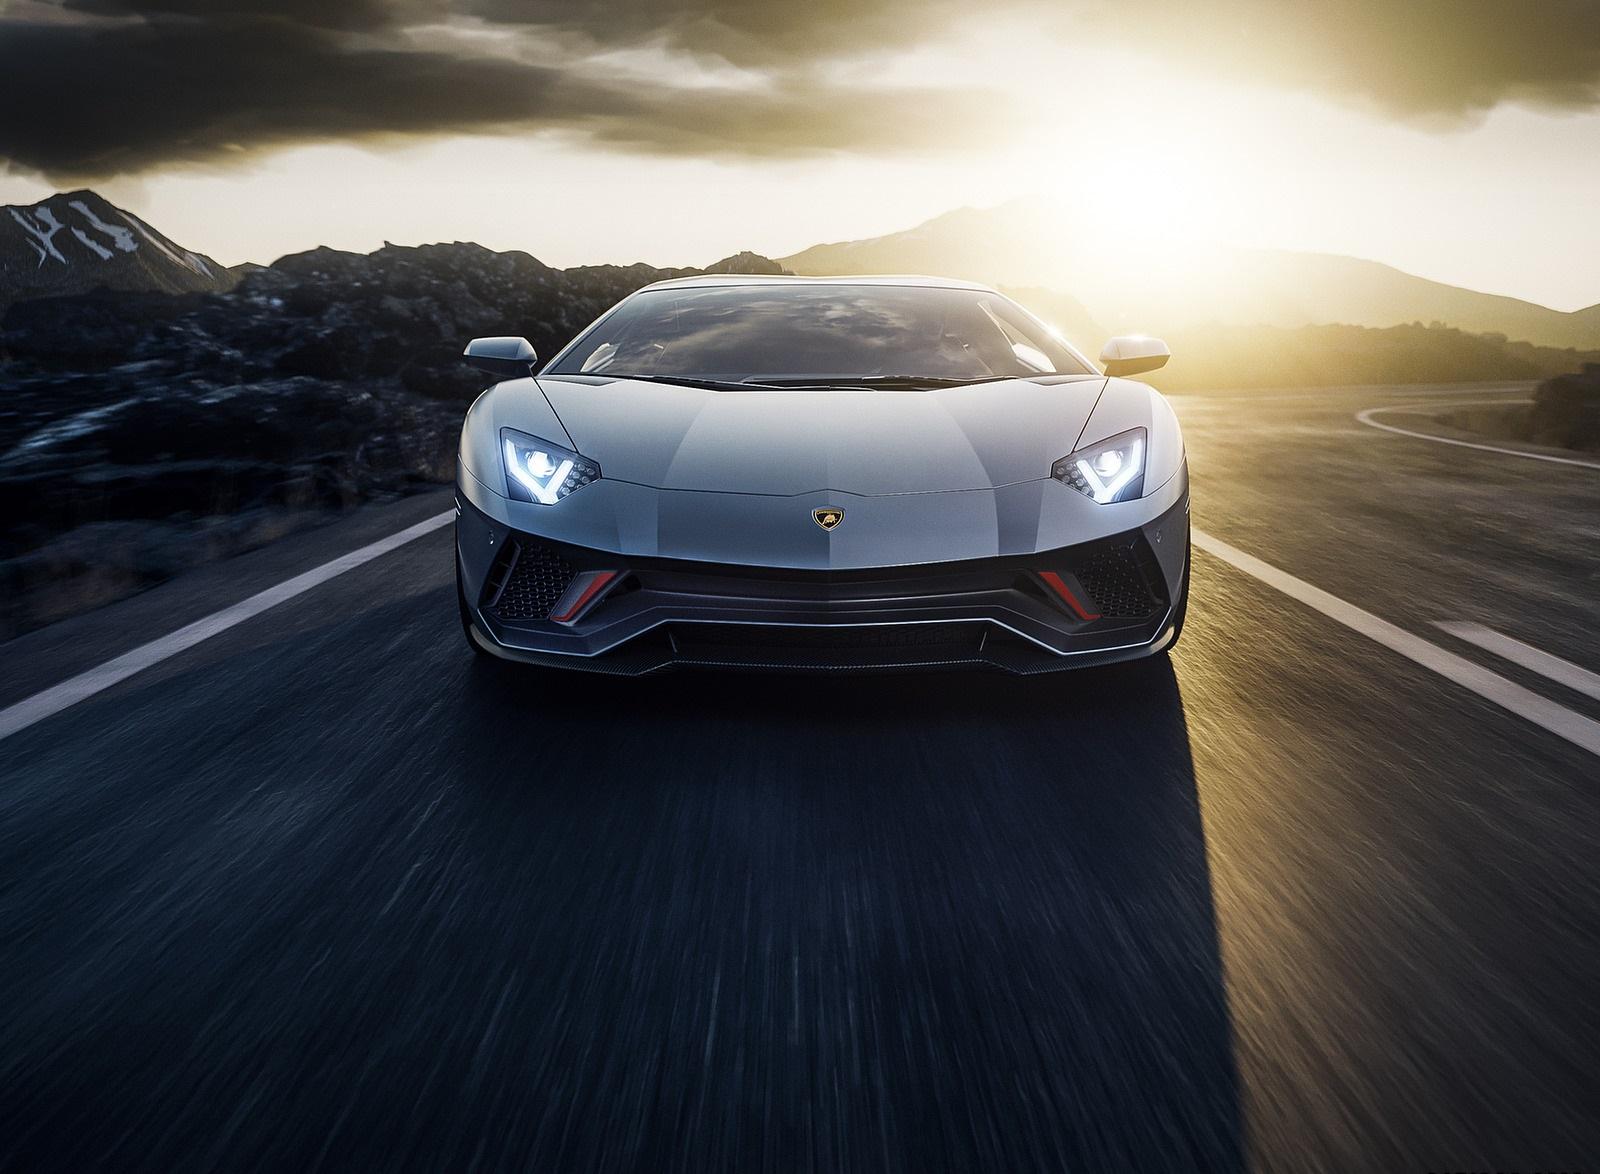 2022 Lamborghini Aventador LP 780-4 Ultimae Front Wallpapers (5)